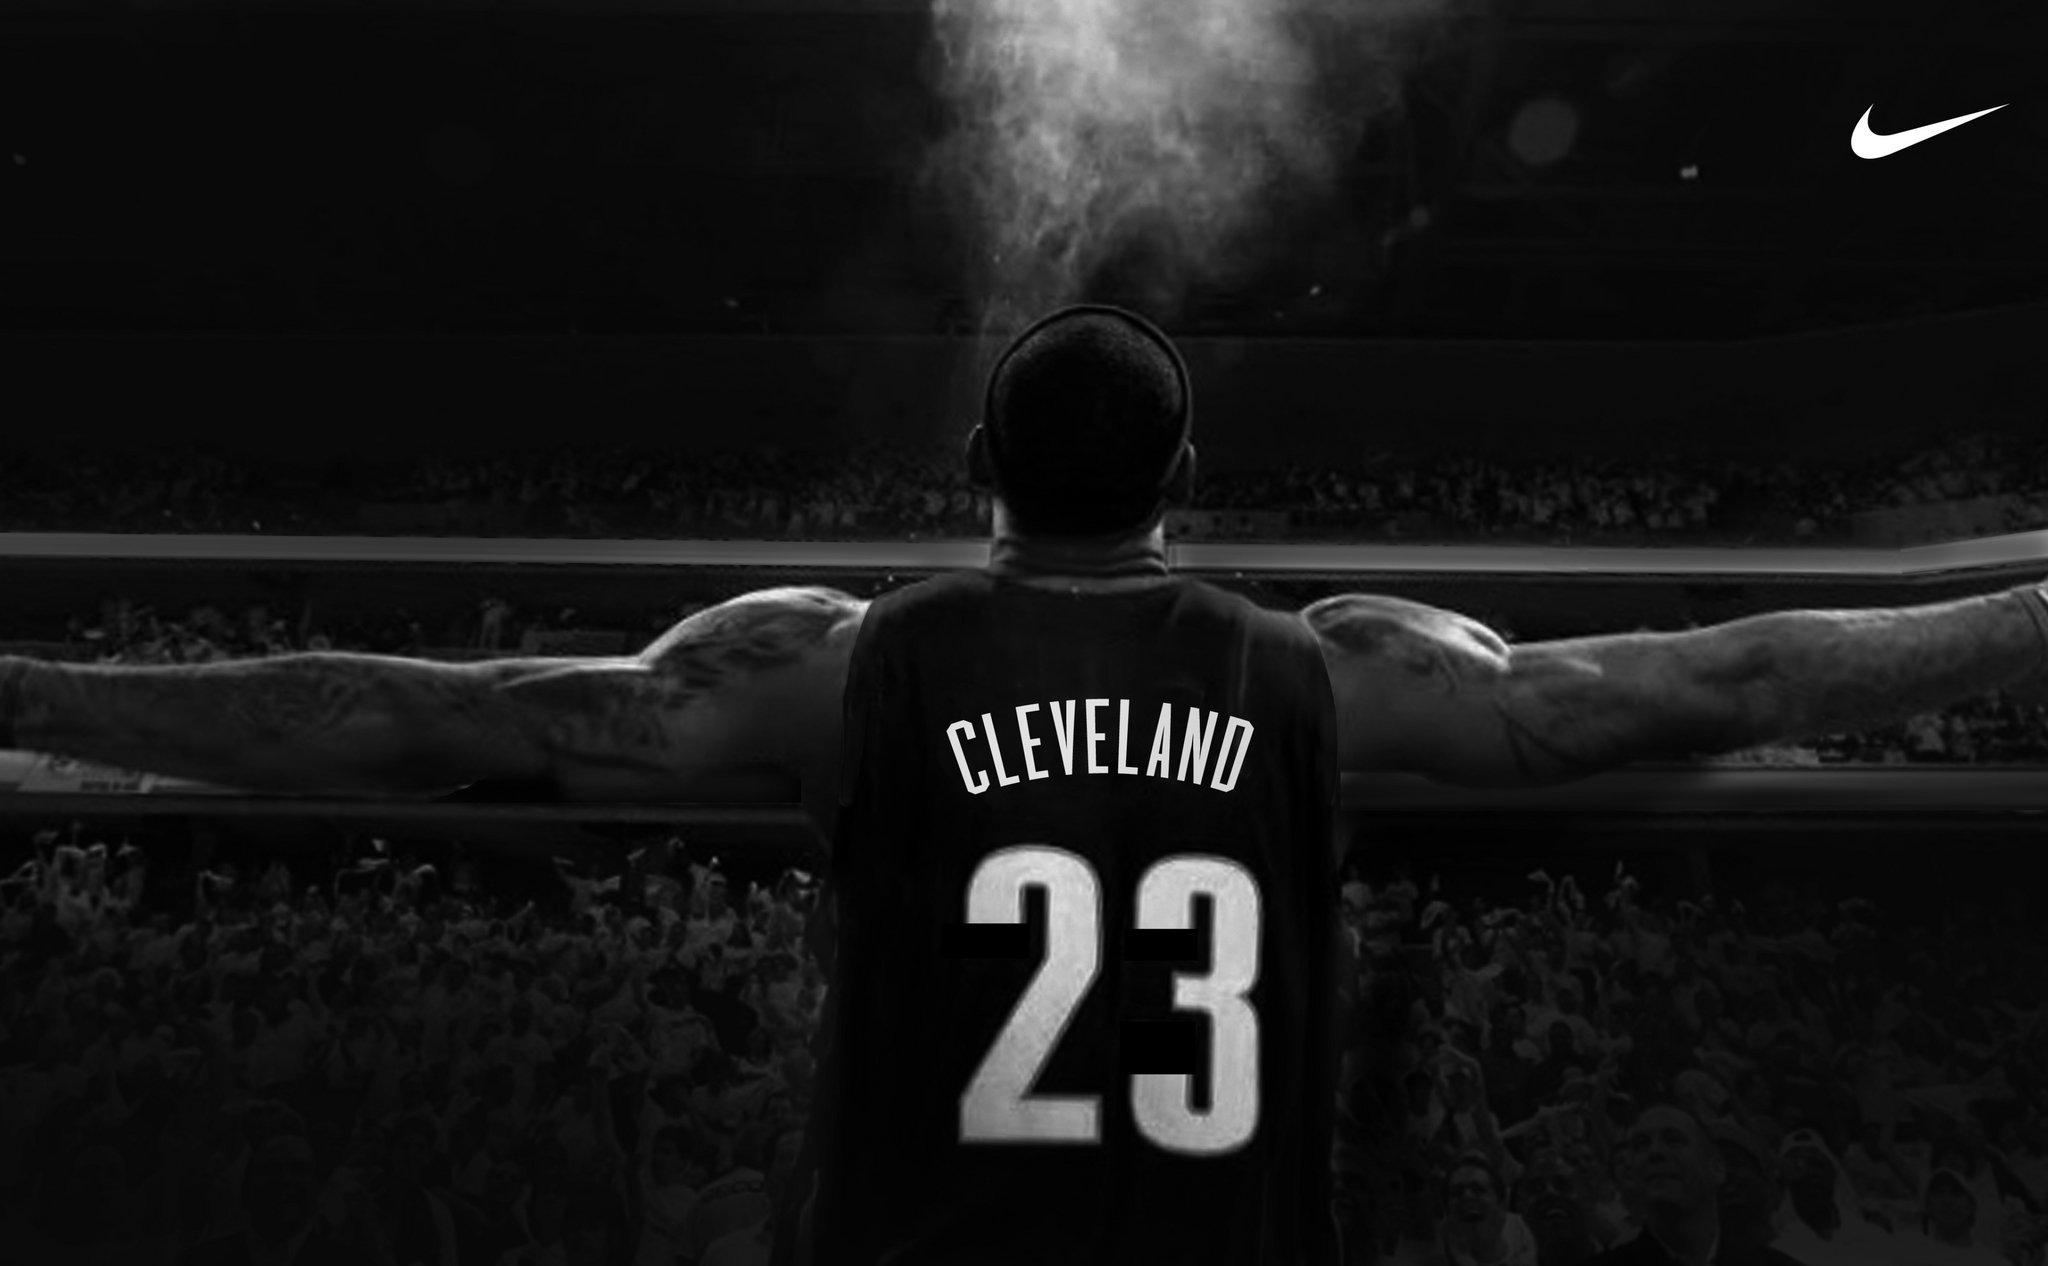 El nuevo anuncio de Nike de LeBron James en Cleveland